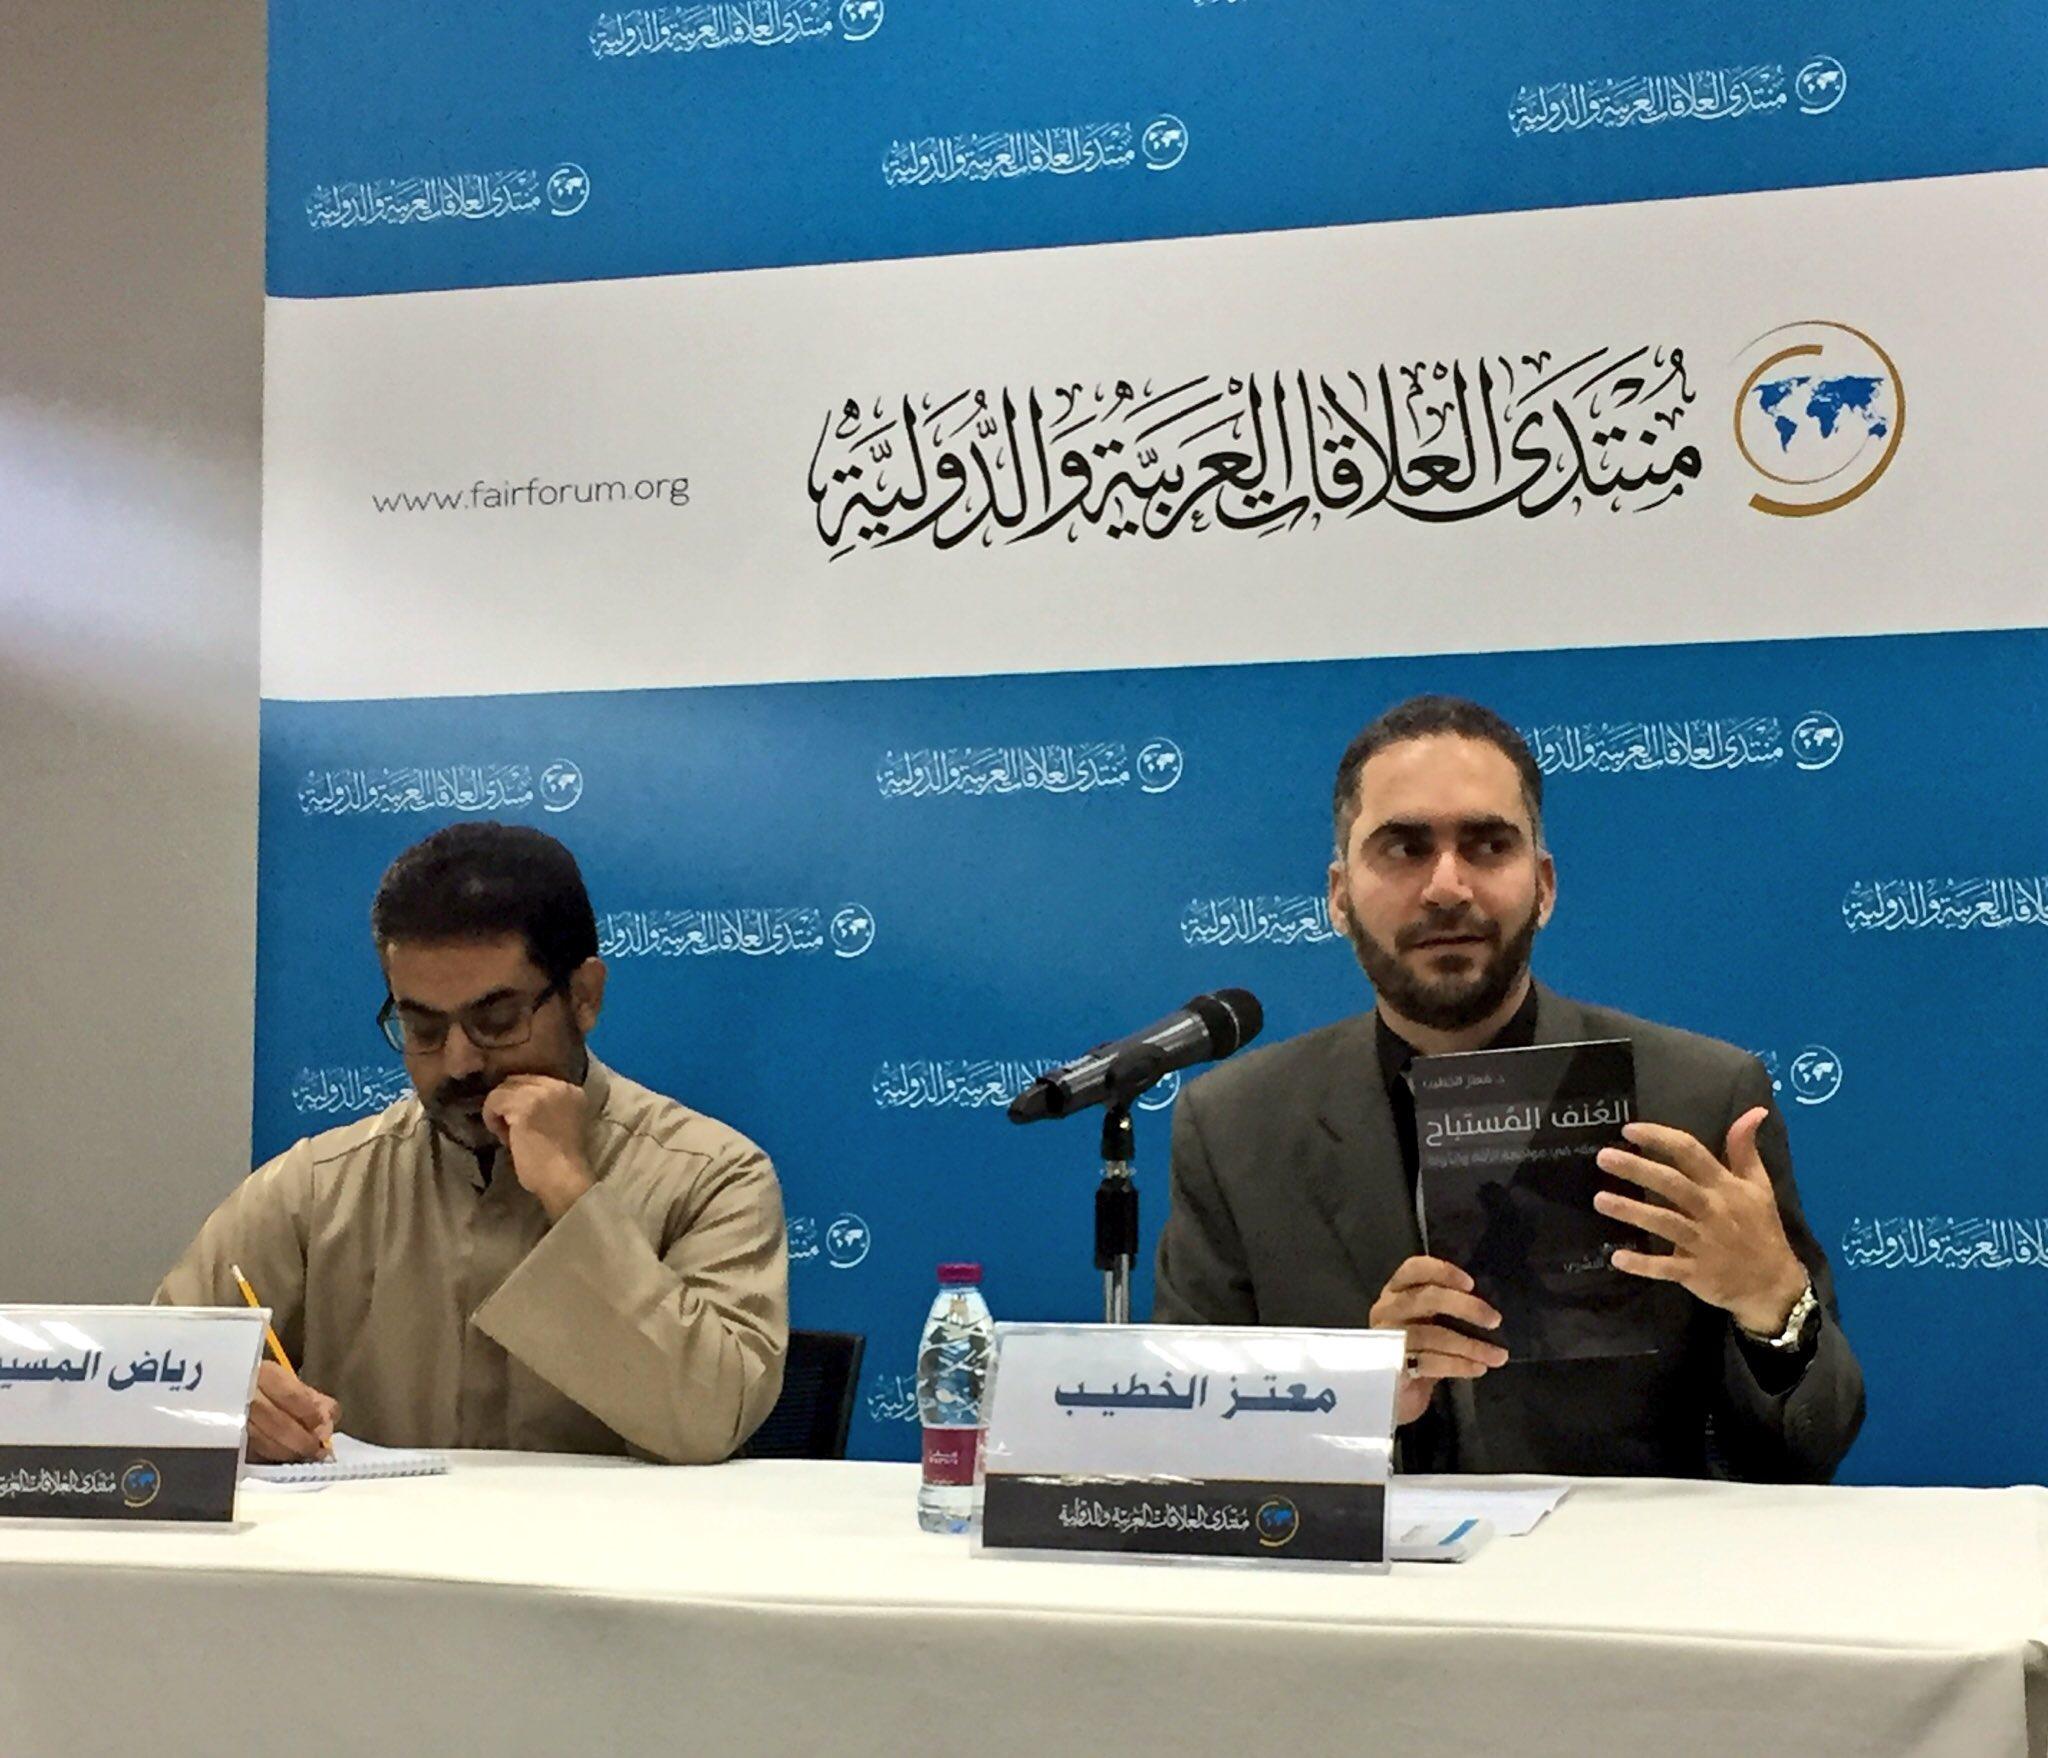 محاضرة: العنف المستباح الشريعة في مواجهة الأمة والدولة